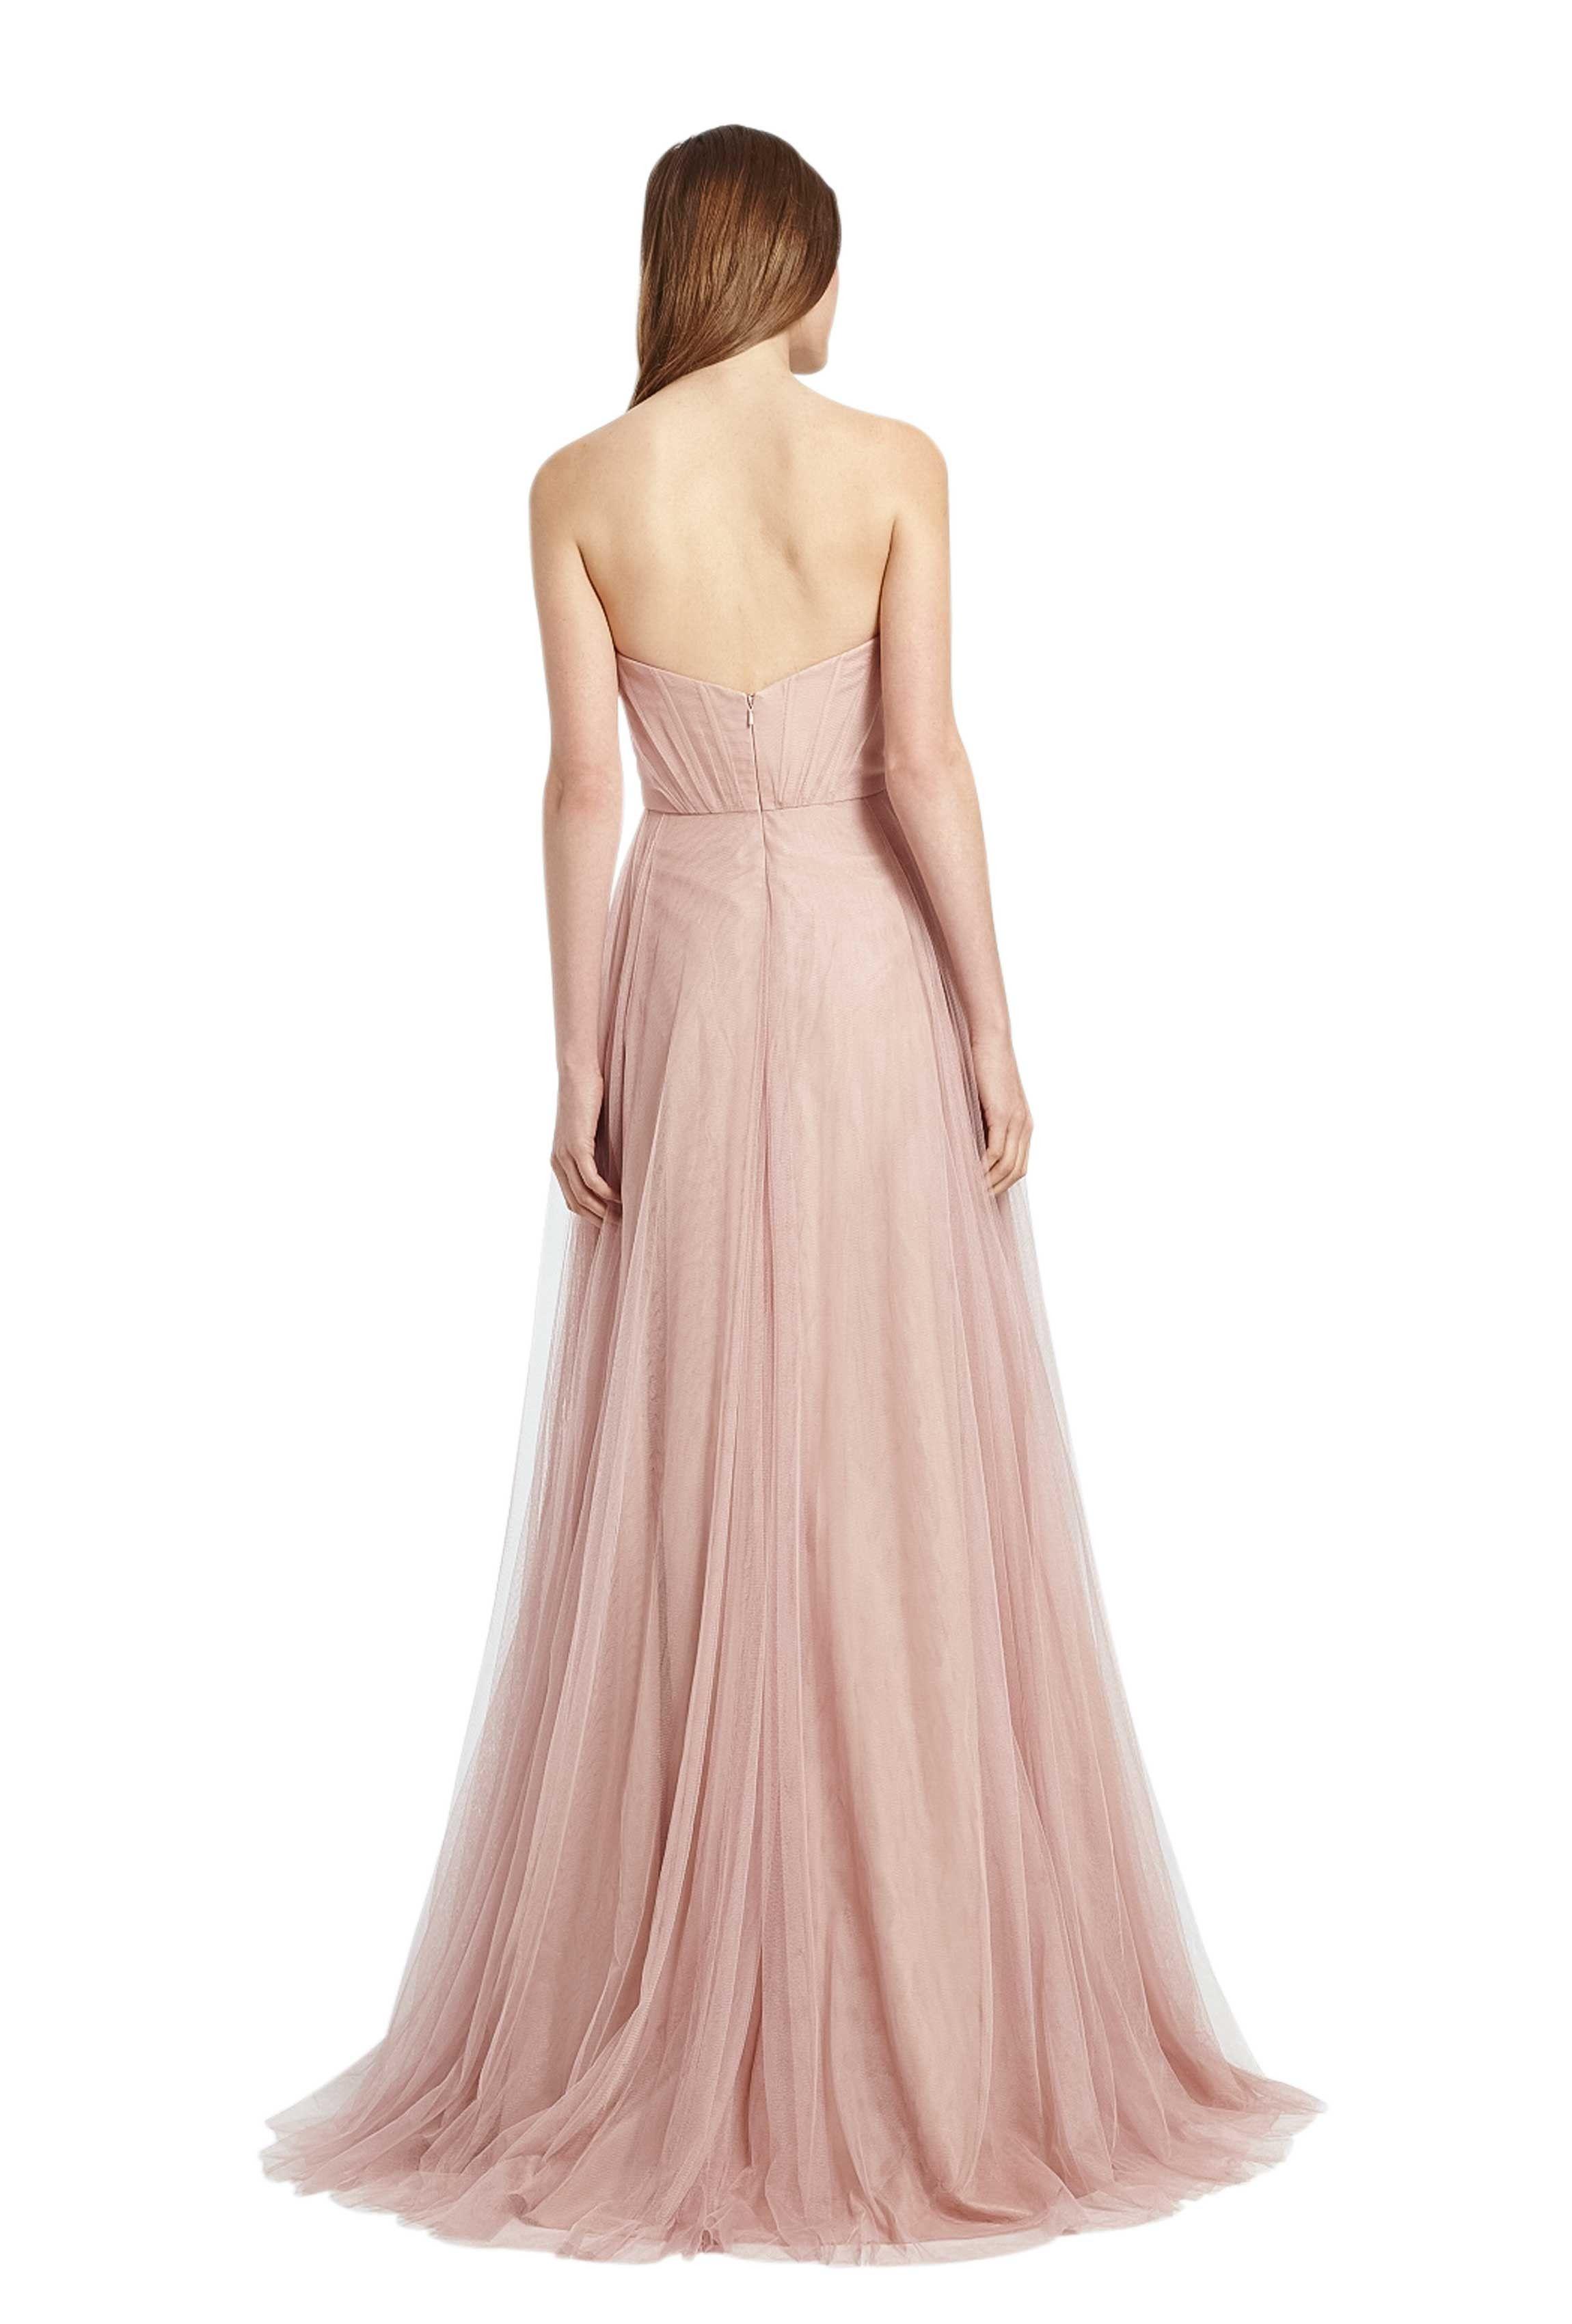 Encantador Origami Wedding Dress Elaboración - Colección de Vestidos ...